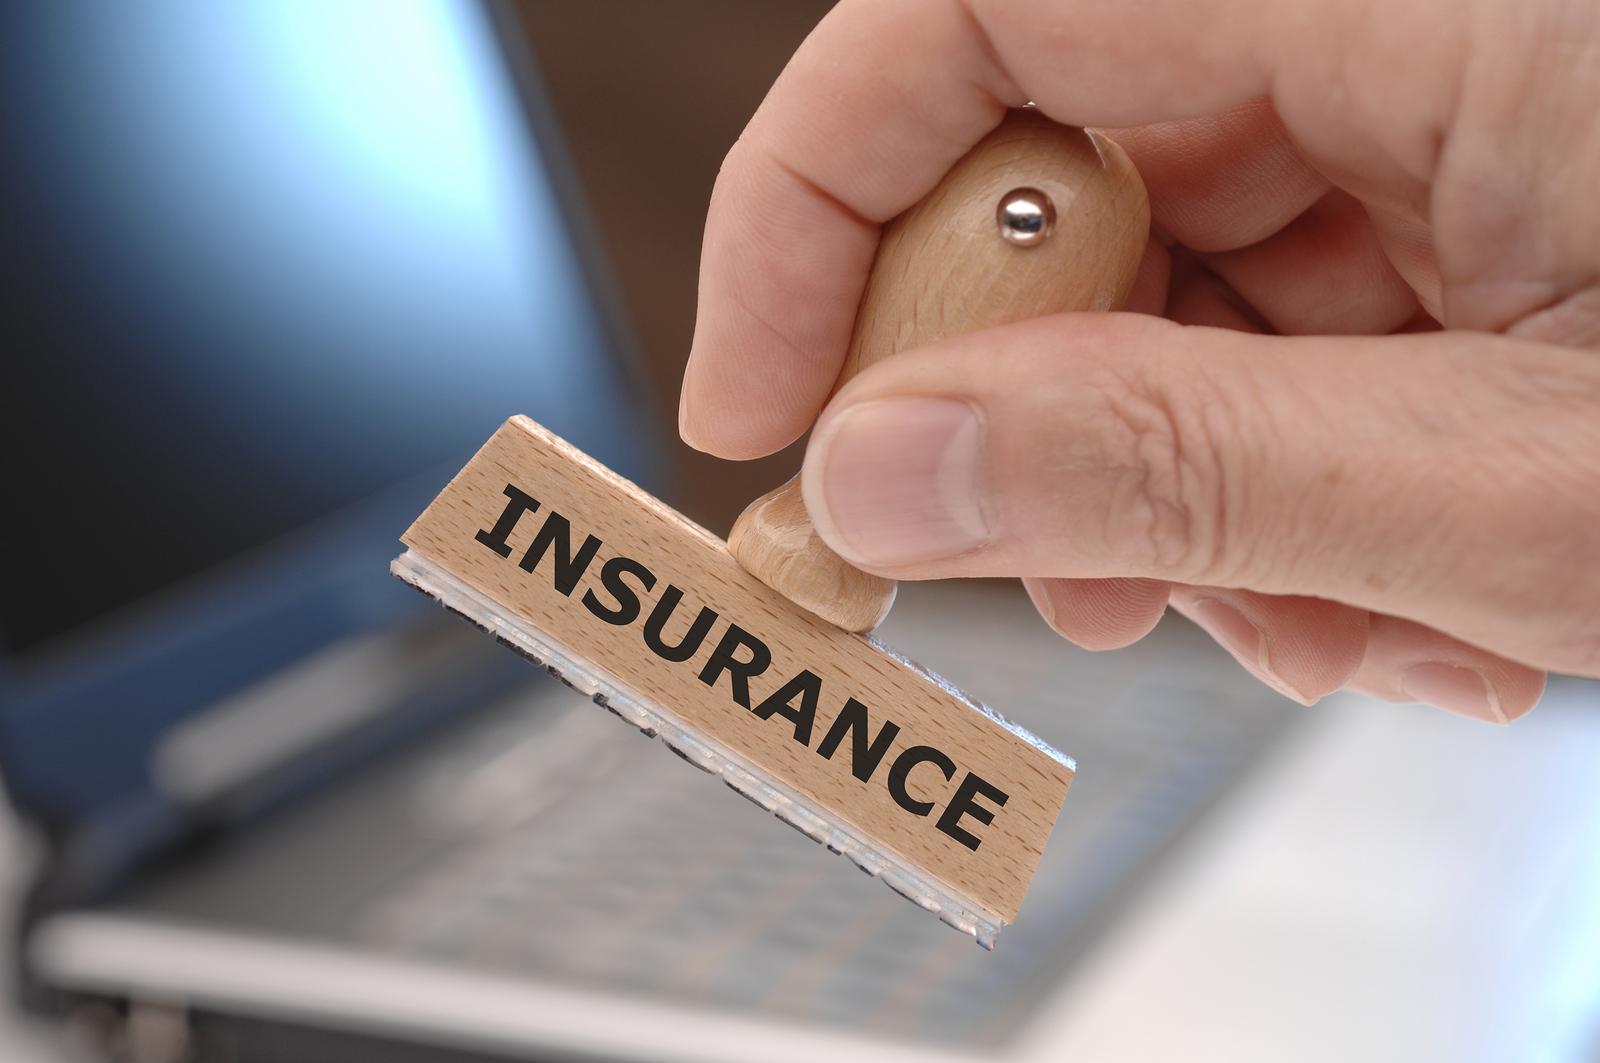 Thị trường bảo hiểm: Tăng trưởng gắn liền với cải thiện chất lượng sản phẩm, dịch vụ